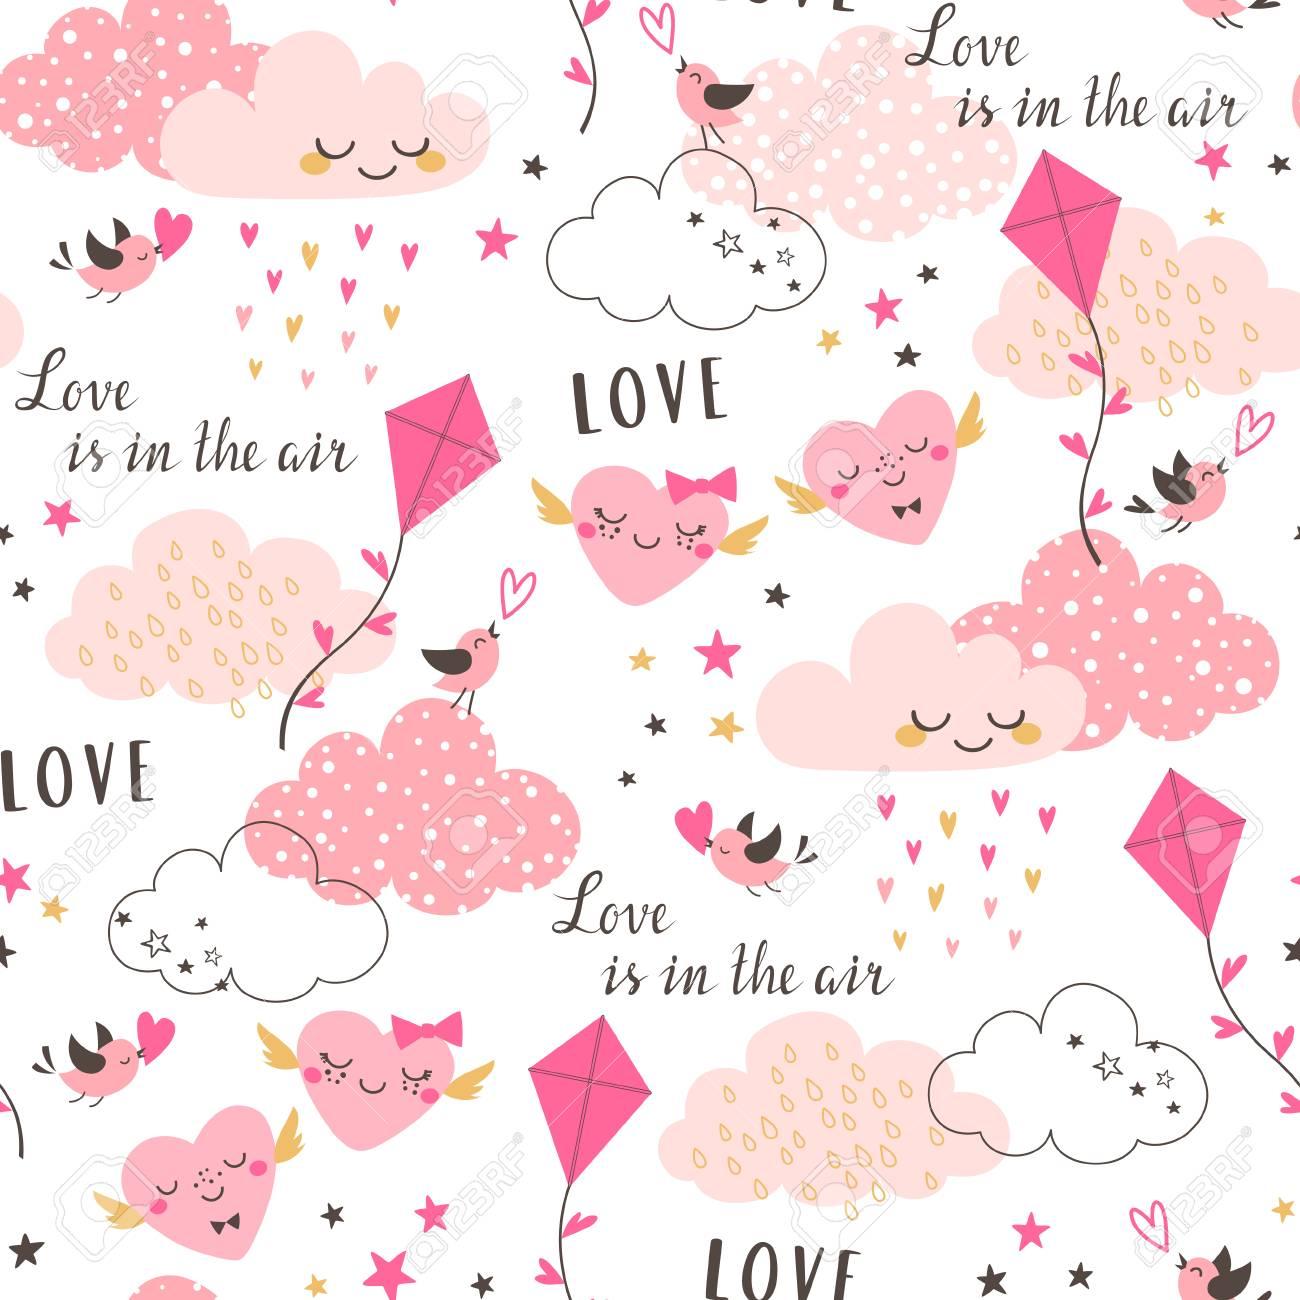 Modele Sans Couture De Valentine Mignon Avec Nuages Roses Coeurs Cerf Volant Oiseaux Et Etoiles Sur Fond Blanc Clip Art Libres De Droits Vecteurs Et Illustration Image 94007952